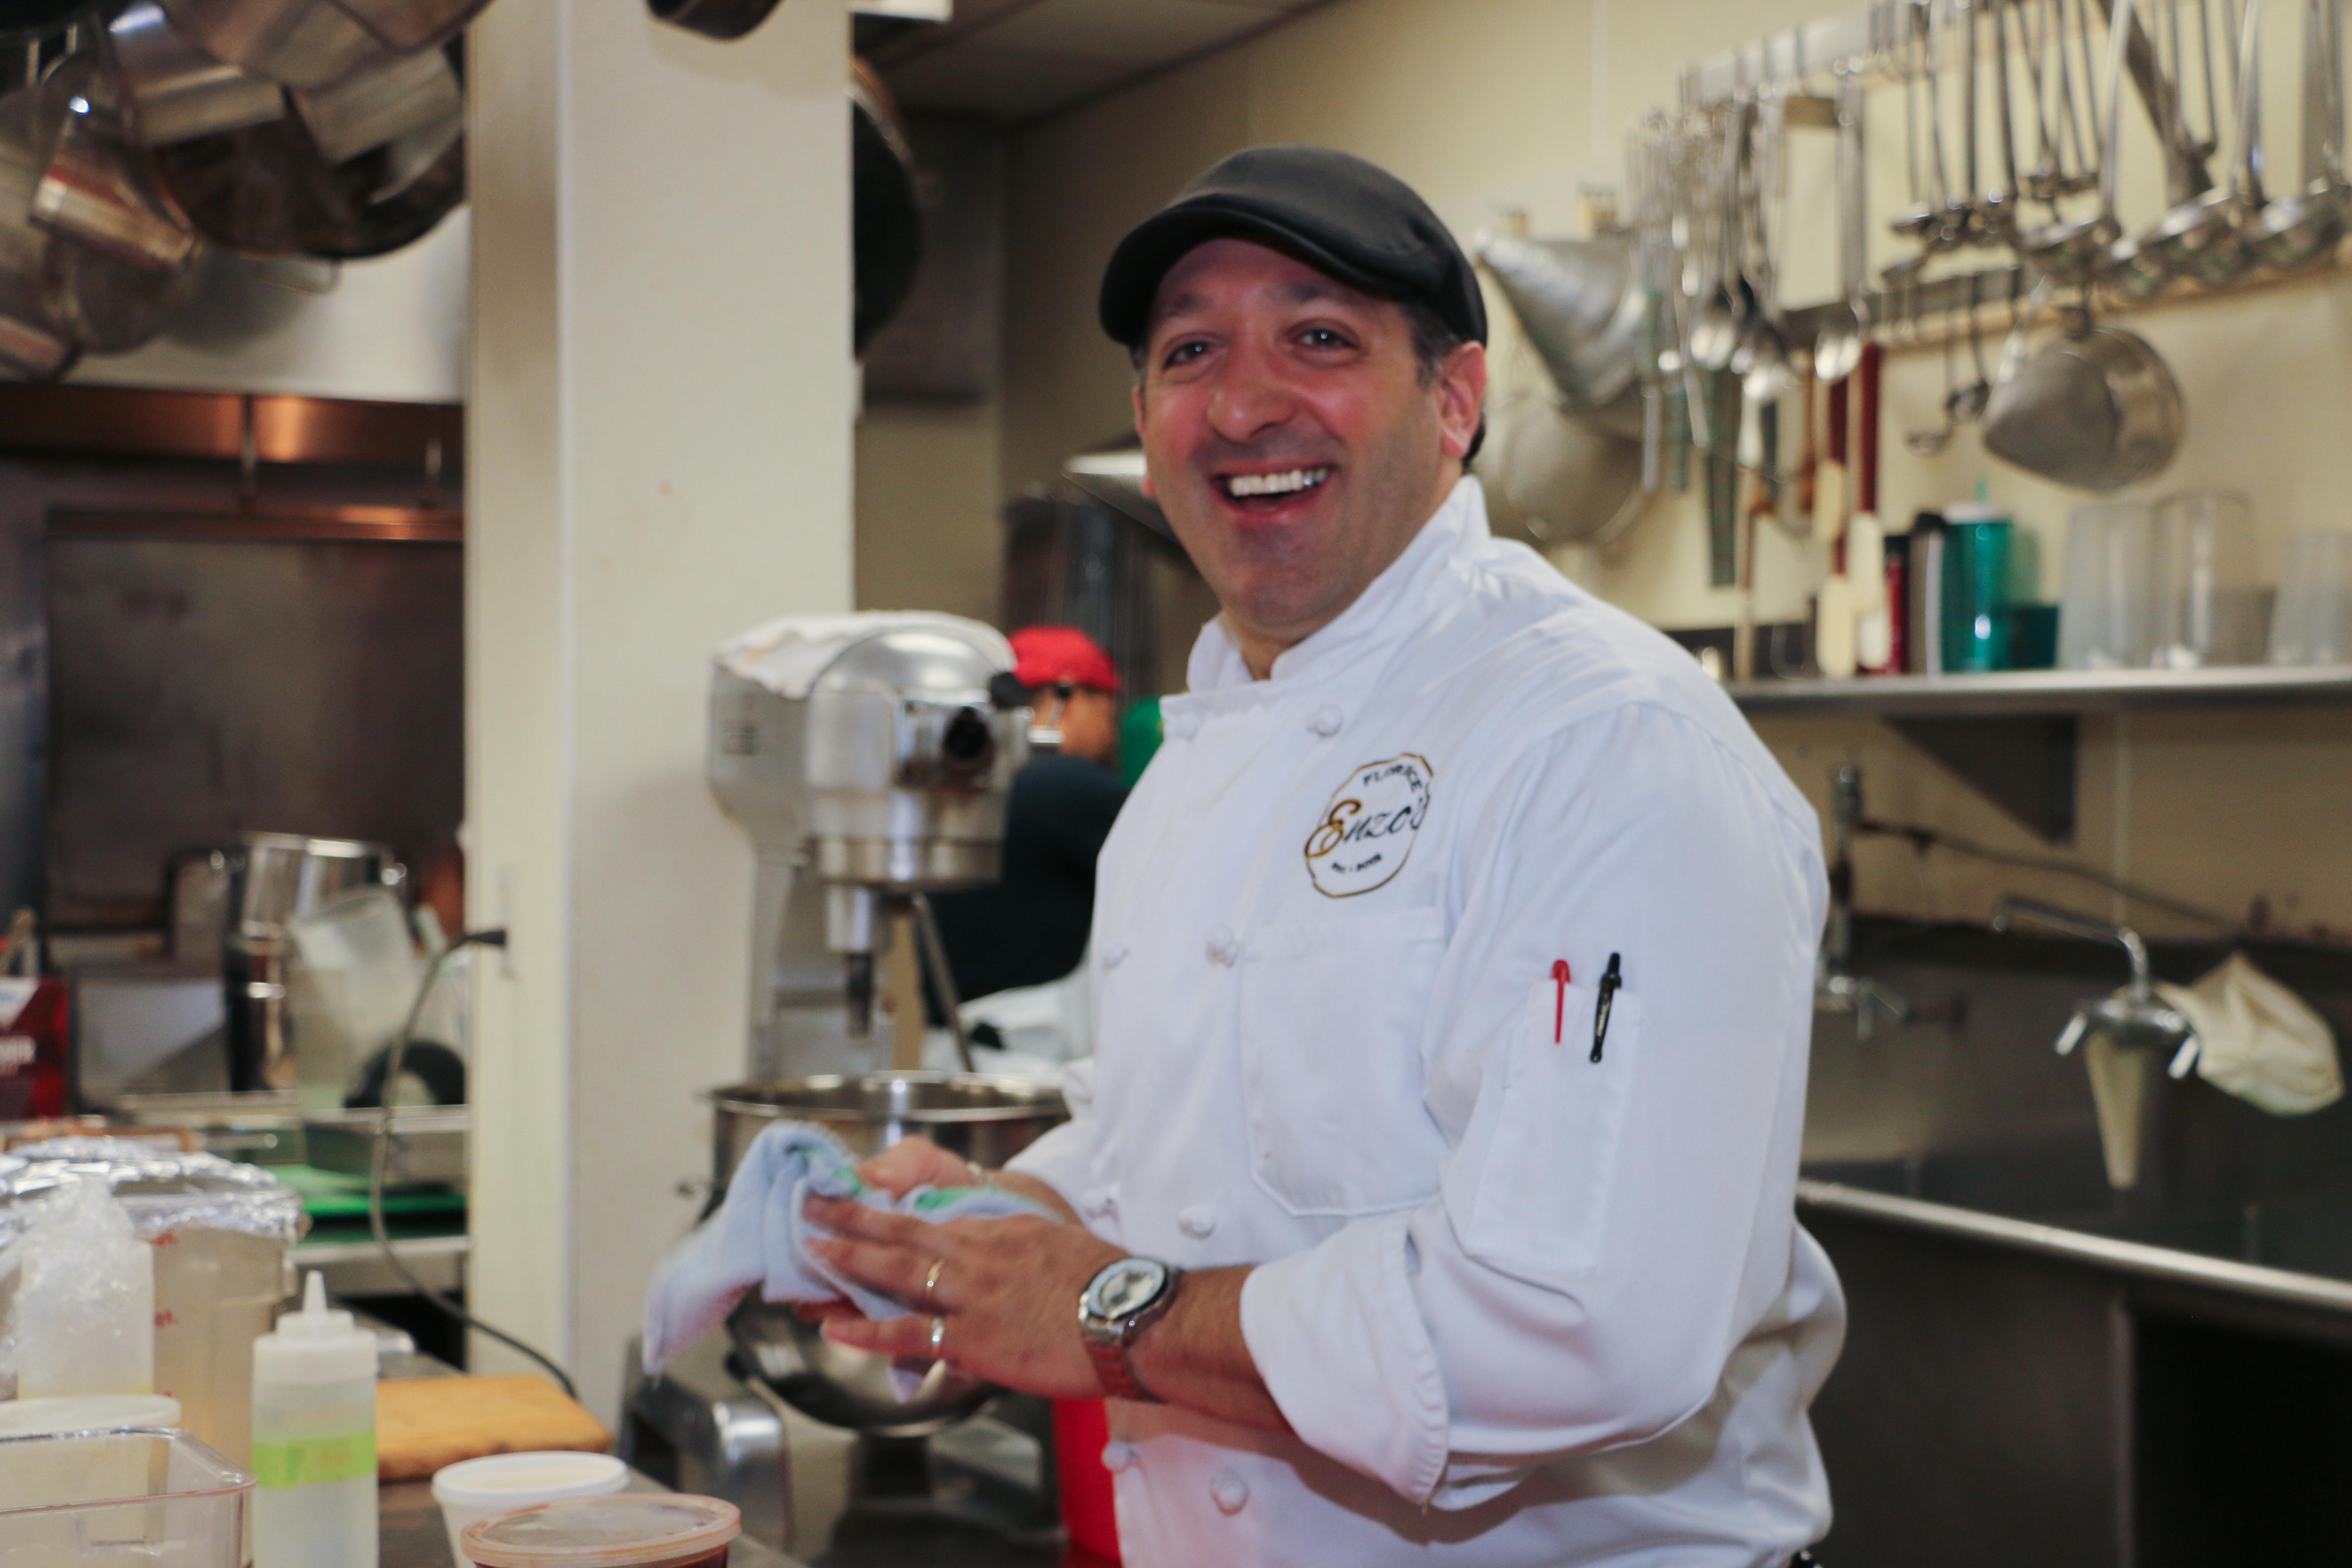 TOE Chef Prep